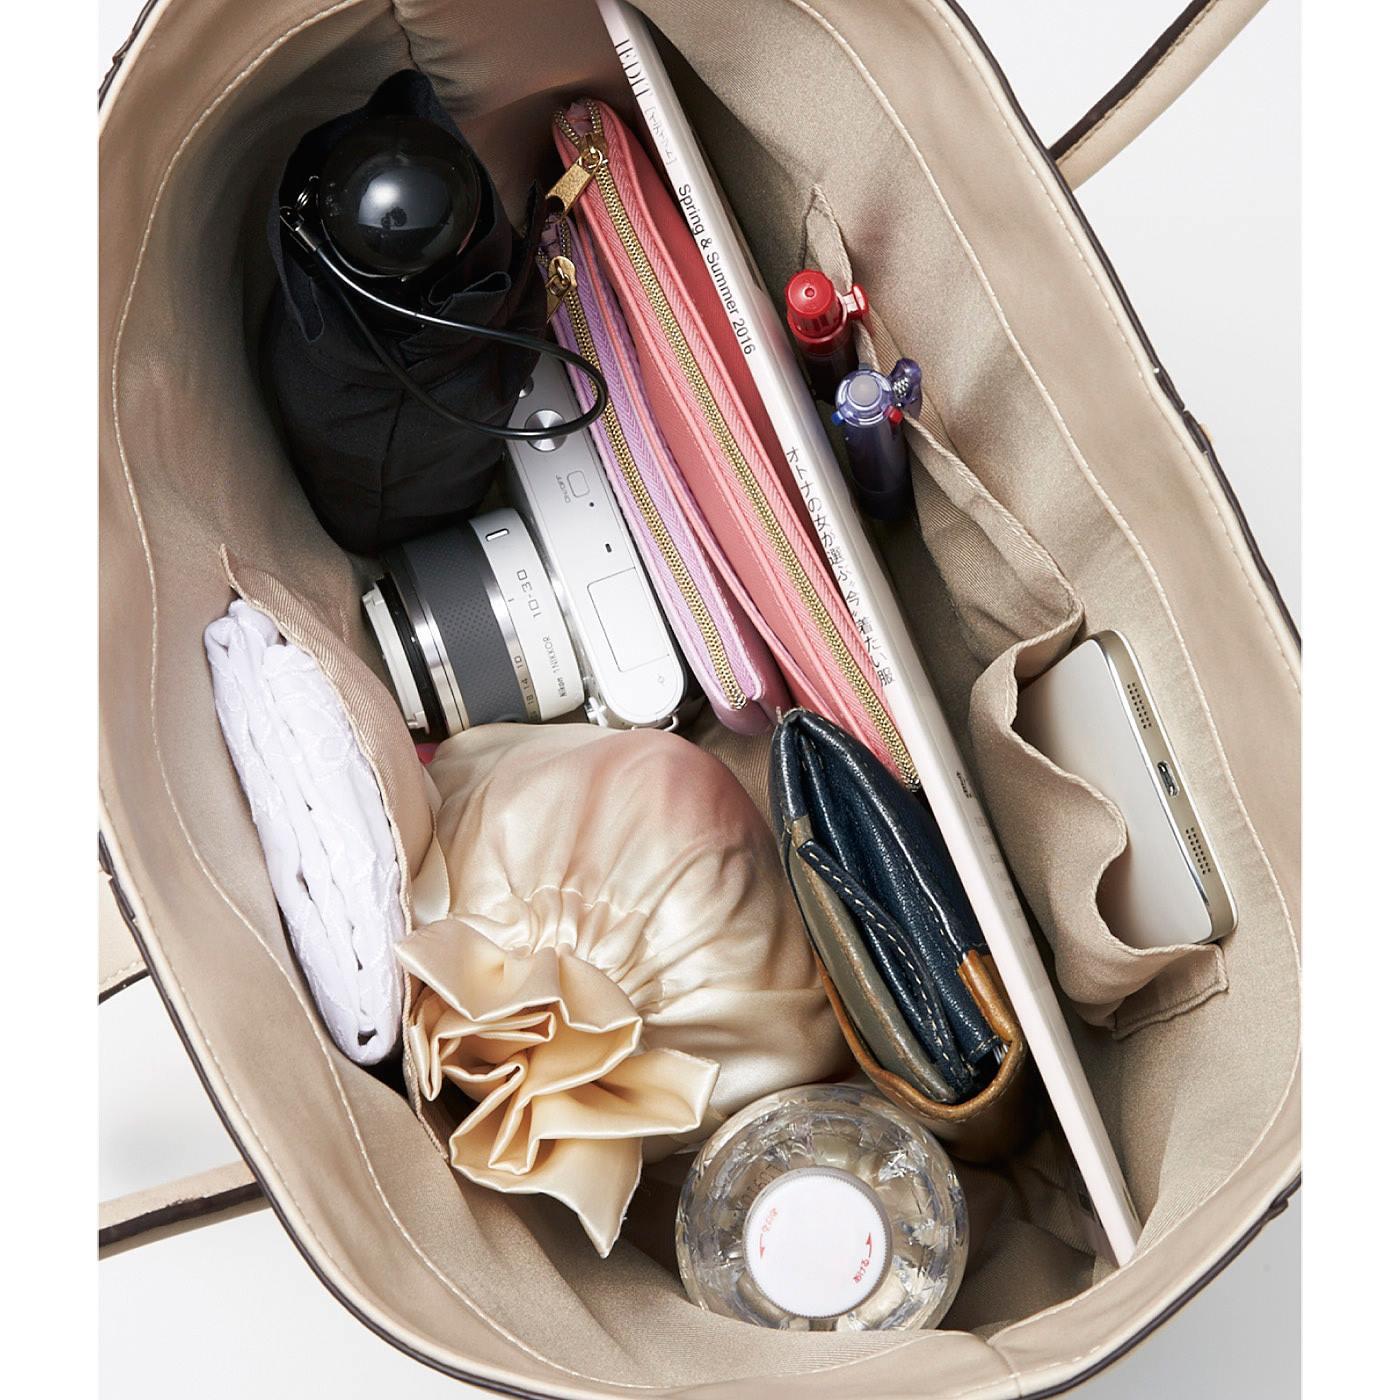 財布、スマホ、A4書類、ペン、ポーチ、ハンカチ、ティッシュにペットボトル、スリッパ、カメラ、折りたたみ傘、すべて入れても、こんなにスッキリ。※お届けするカラーとは異なります。